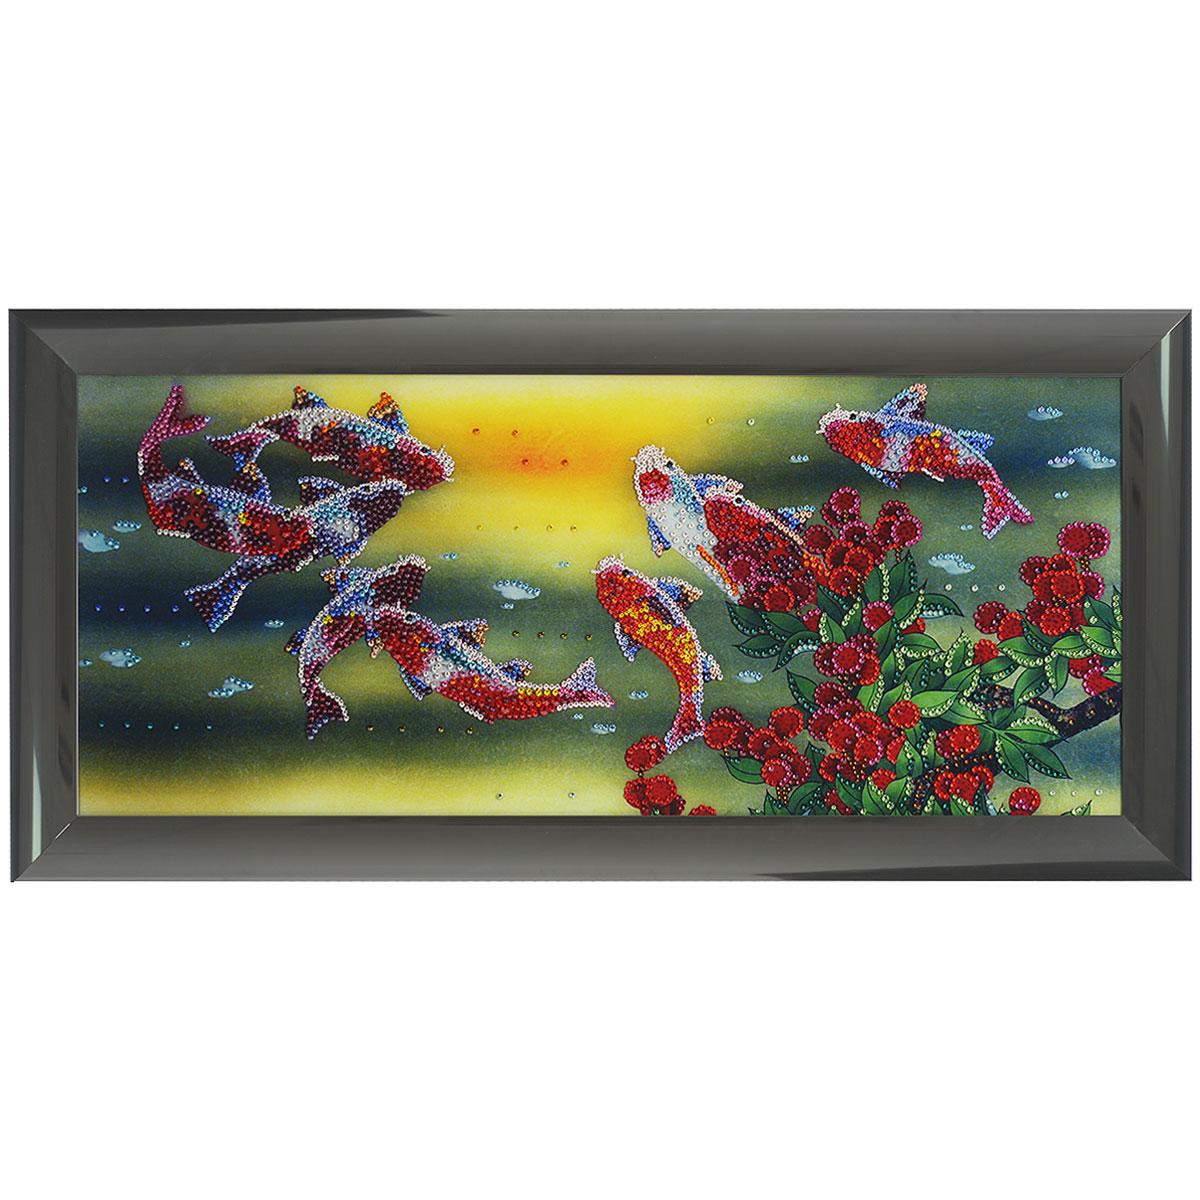 Картина с кристаллами Swarovski Рыбы Тай, 77,5 см х 37,5 см1435Изящная картина в алюминиевой раме Рыбы Тай инкрустирована кристаллами Swarovski, которые отличаются четкой и ровной огранкой, ярким блеском и чистотой цвета. Идеально подобранная палитра кристаллов прекрасно дополняет картину. С задней стороны изделие оснащено специальной металлической петелькой для размещения на стене. Картина с кристаллами Swarovski элегантно украсит интерьер дома, а также станет прекрасным подарком, который обязательно понравится получателю. Блеск кристаллов в интерьере - что может быть сказочнее и удивительнее. Изделие упаковано в подарочную картонную коробку синего цвета и комплектуется сертификатом соответствия Swarovski. Размер картины: 77,5 см х 37,5 см. Количество кристаллов: 3906 шт.